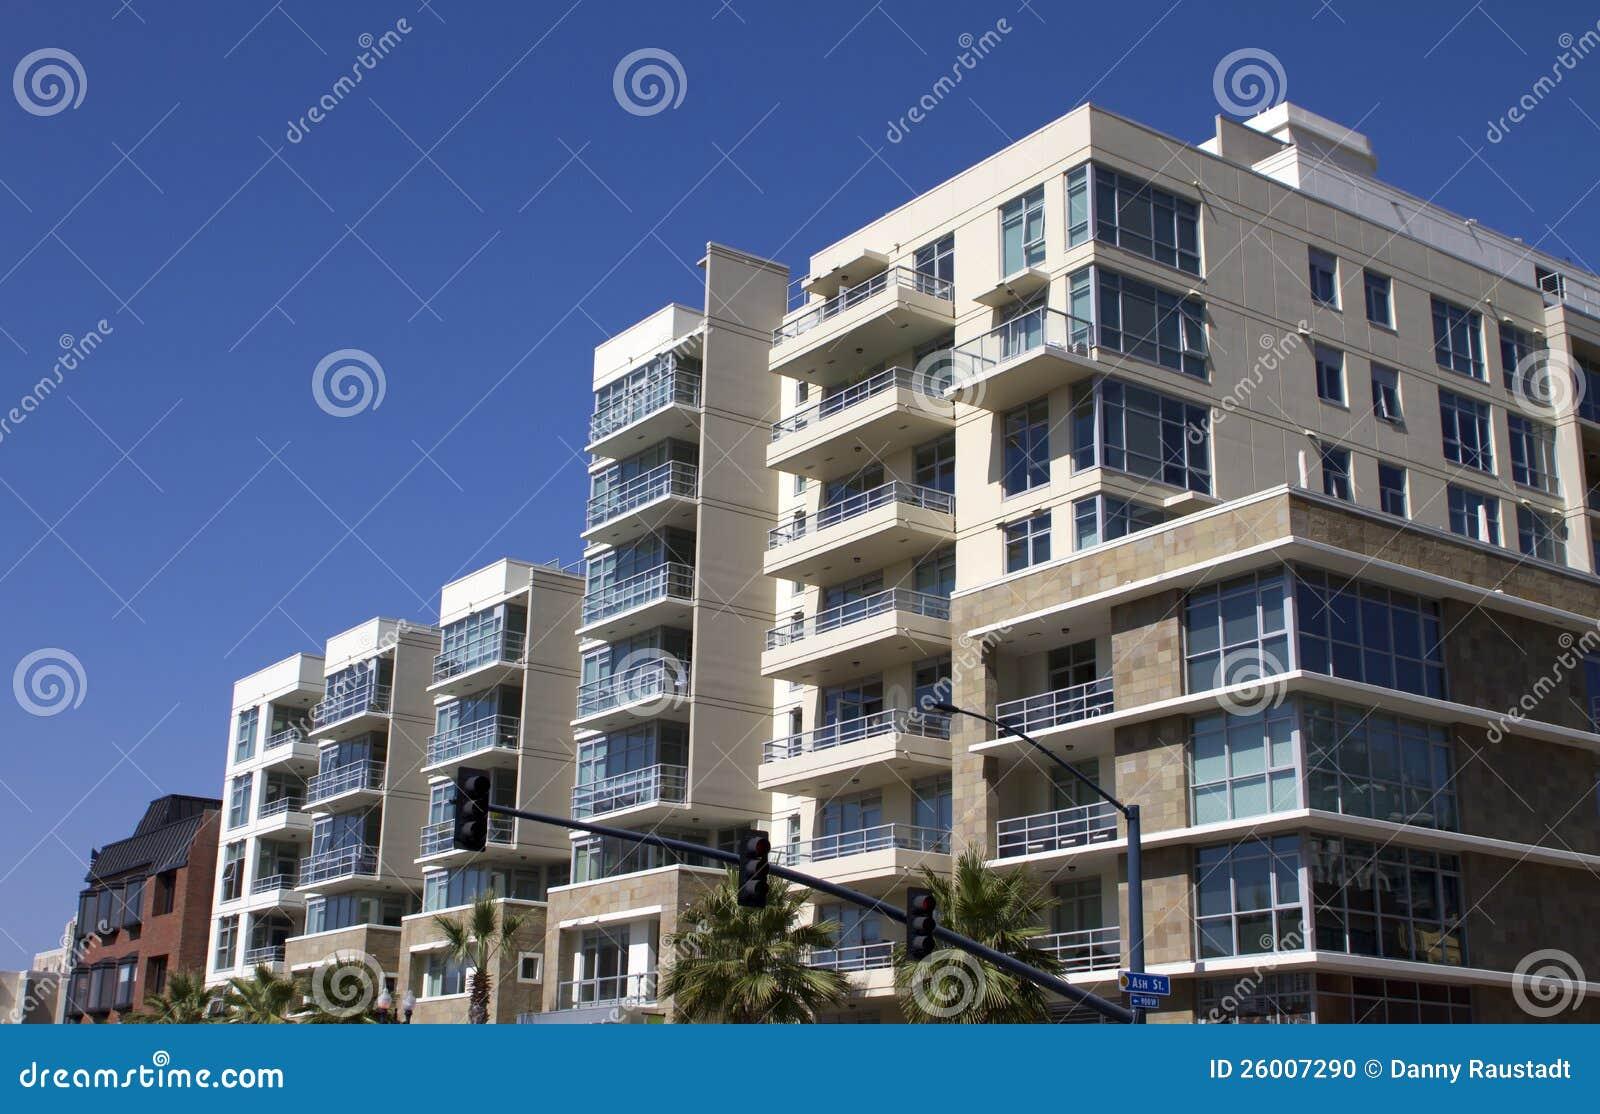 Construcciones de viviendas c ntricas modernas de la for Construcciones modernas